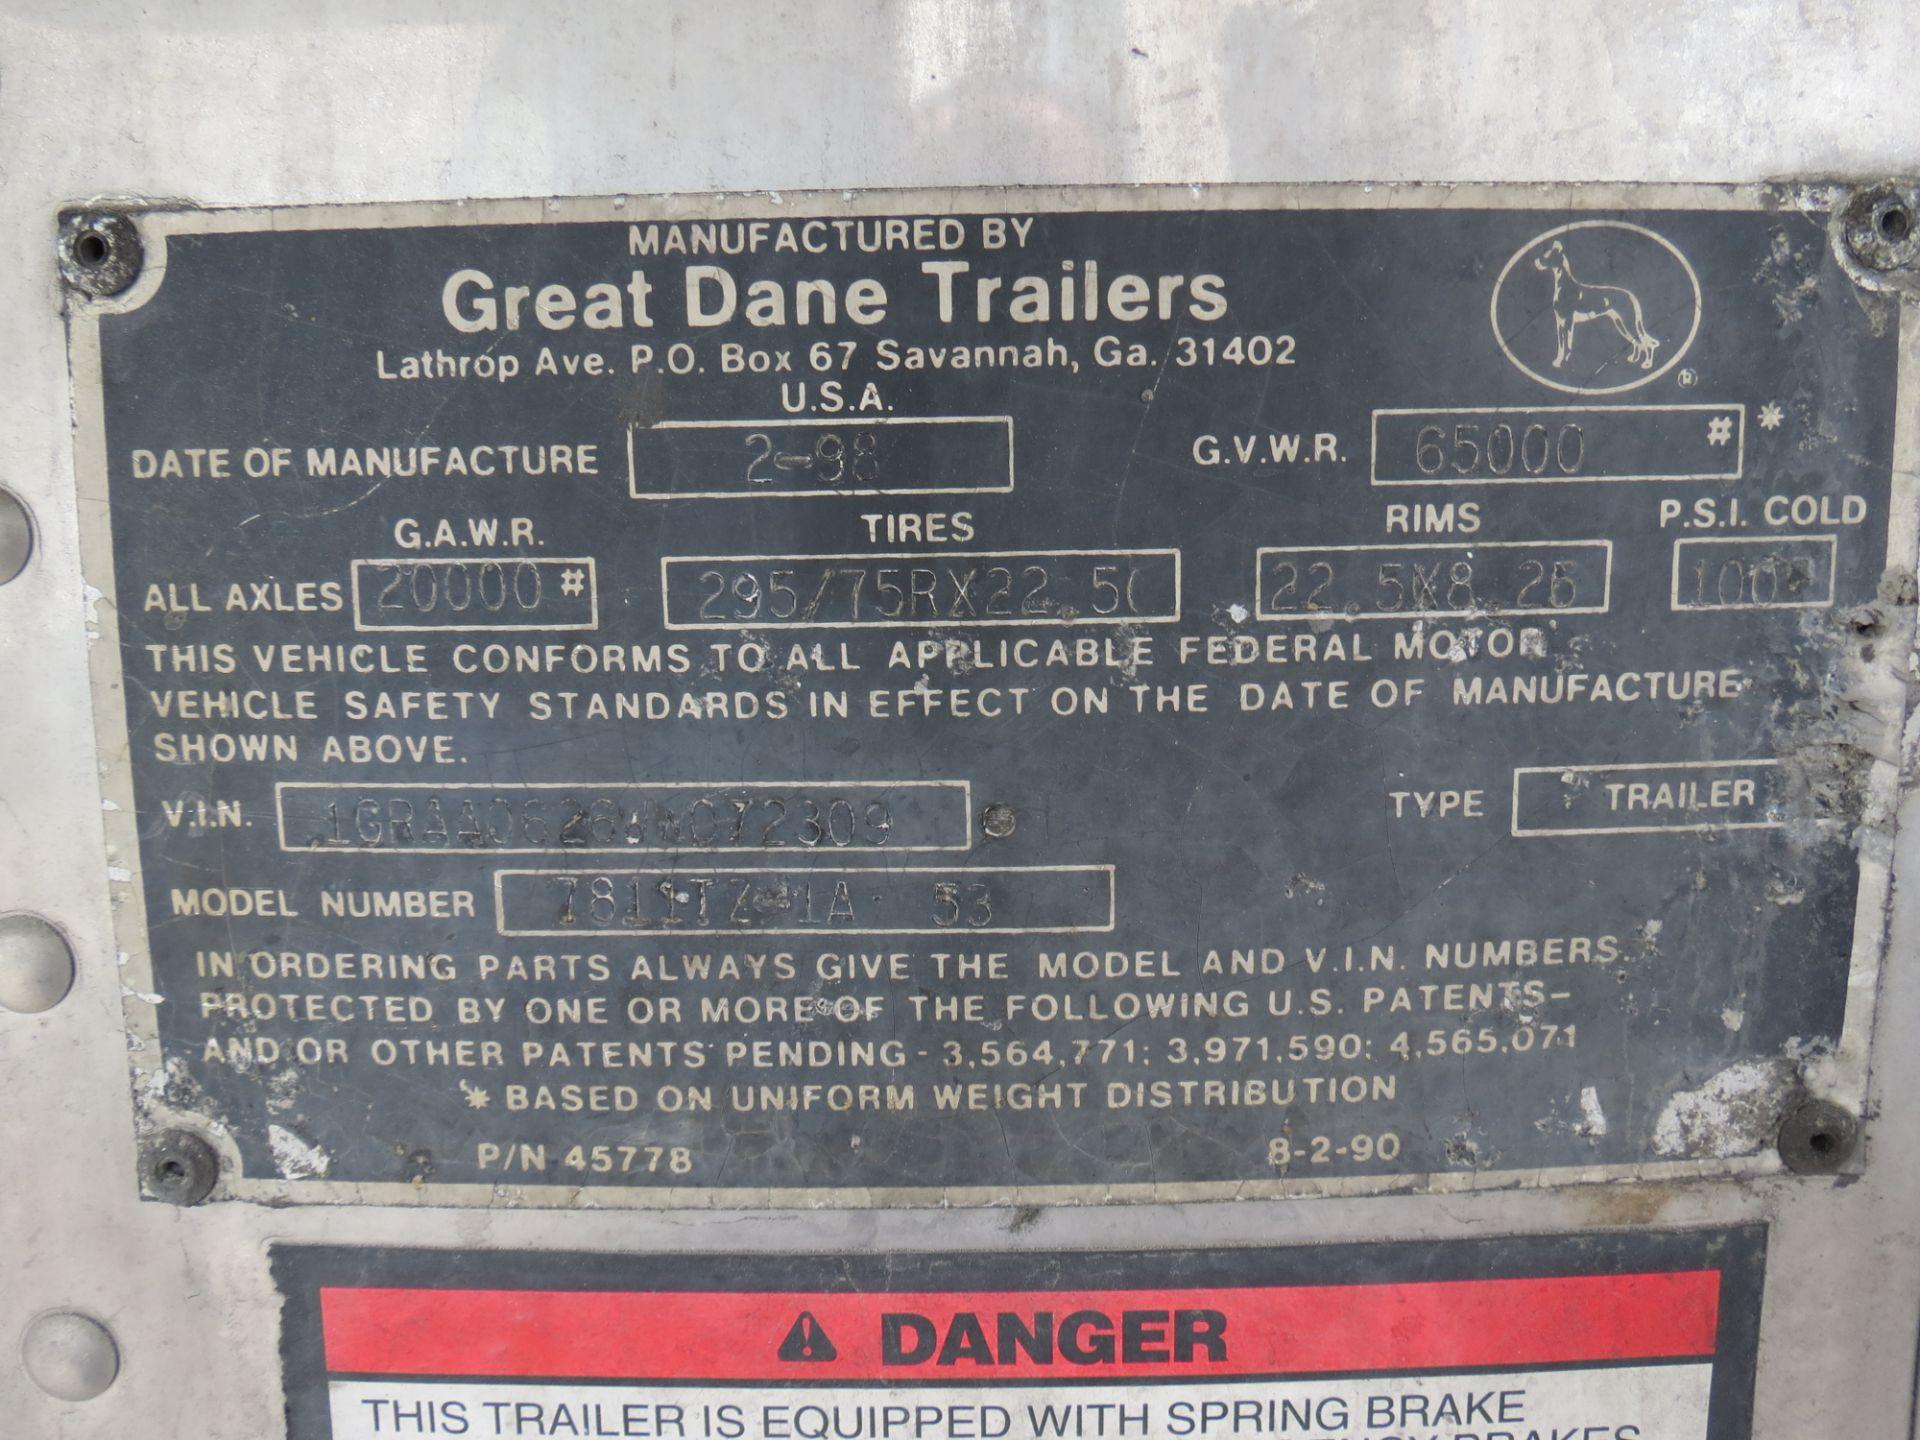 Lot 38 - 1998 Great Dane 53' Thermo King Smart Reefer #3 Trailer, VIN: 1GRAAD626WW072309, LIC: 4MJ2287